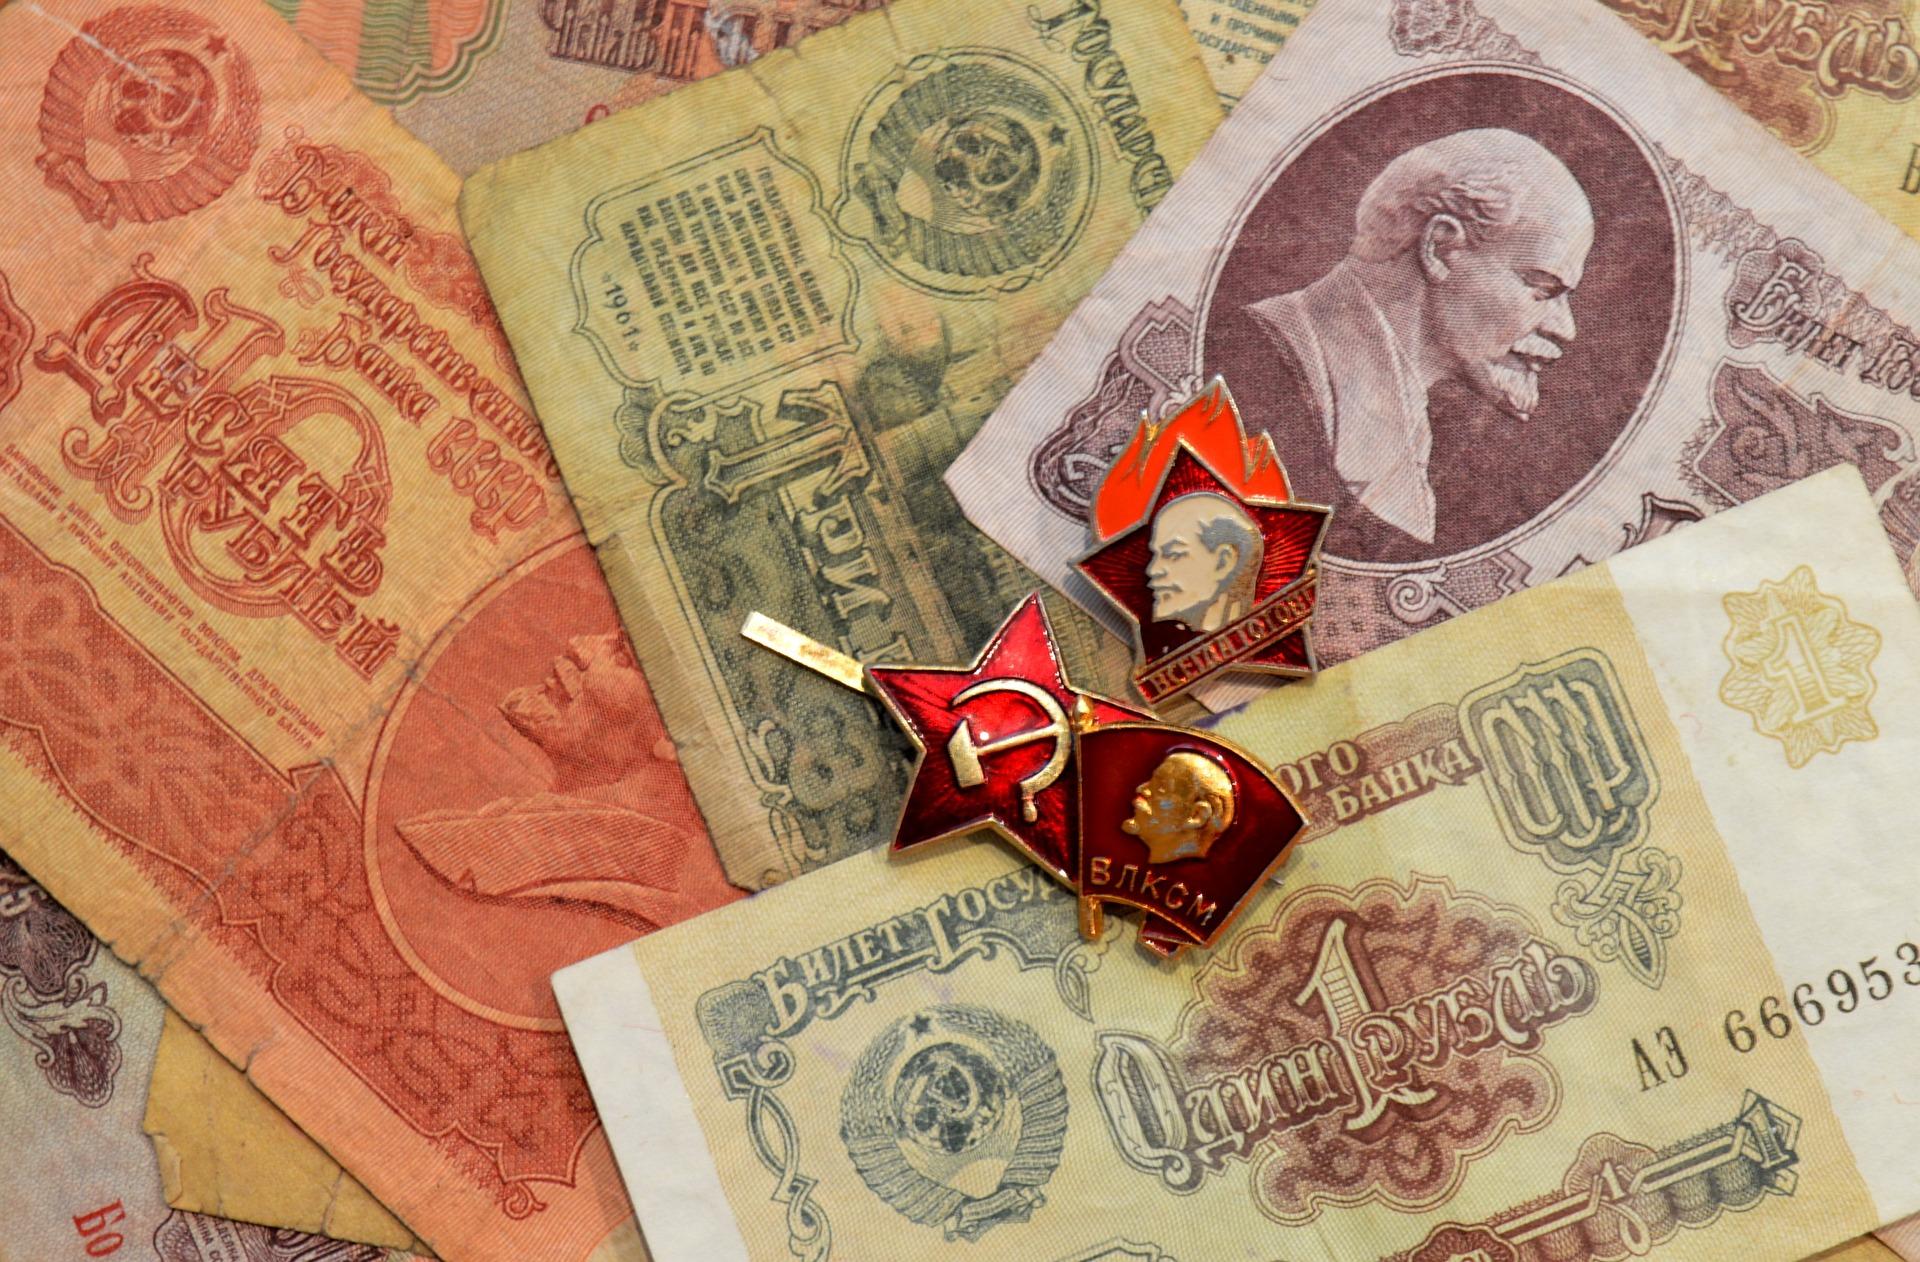 Documenti didattici rilasciati in URSS